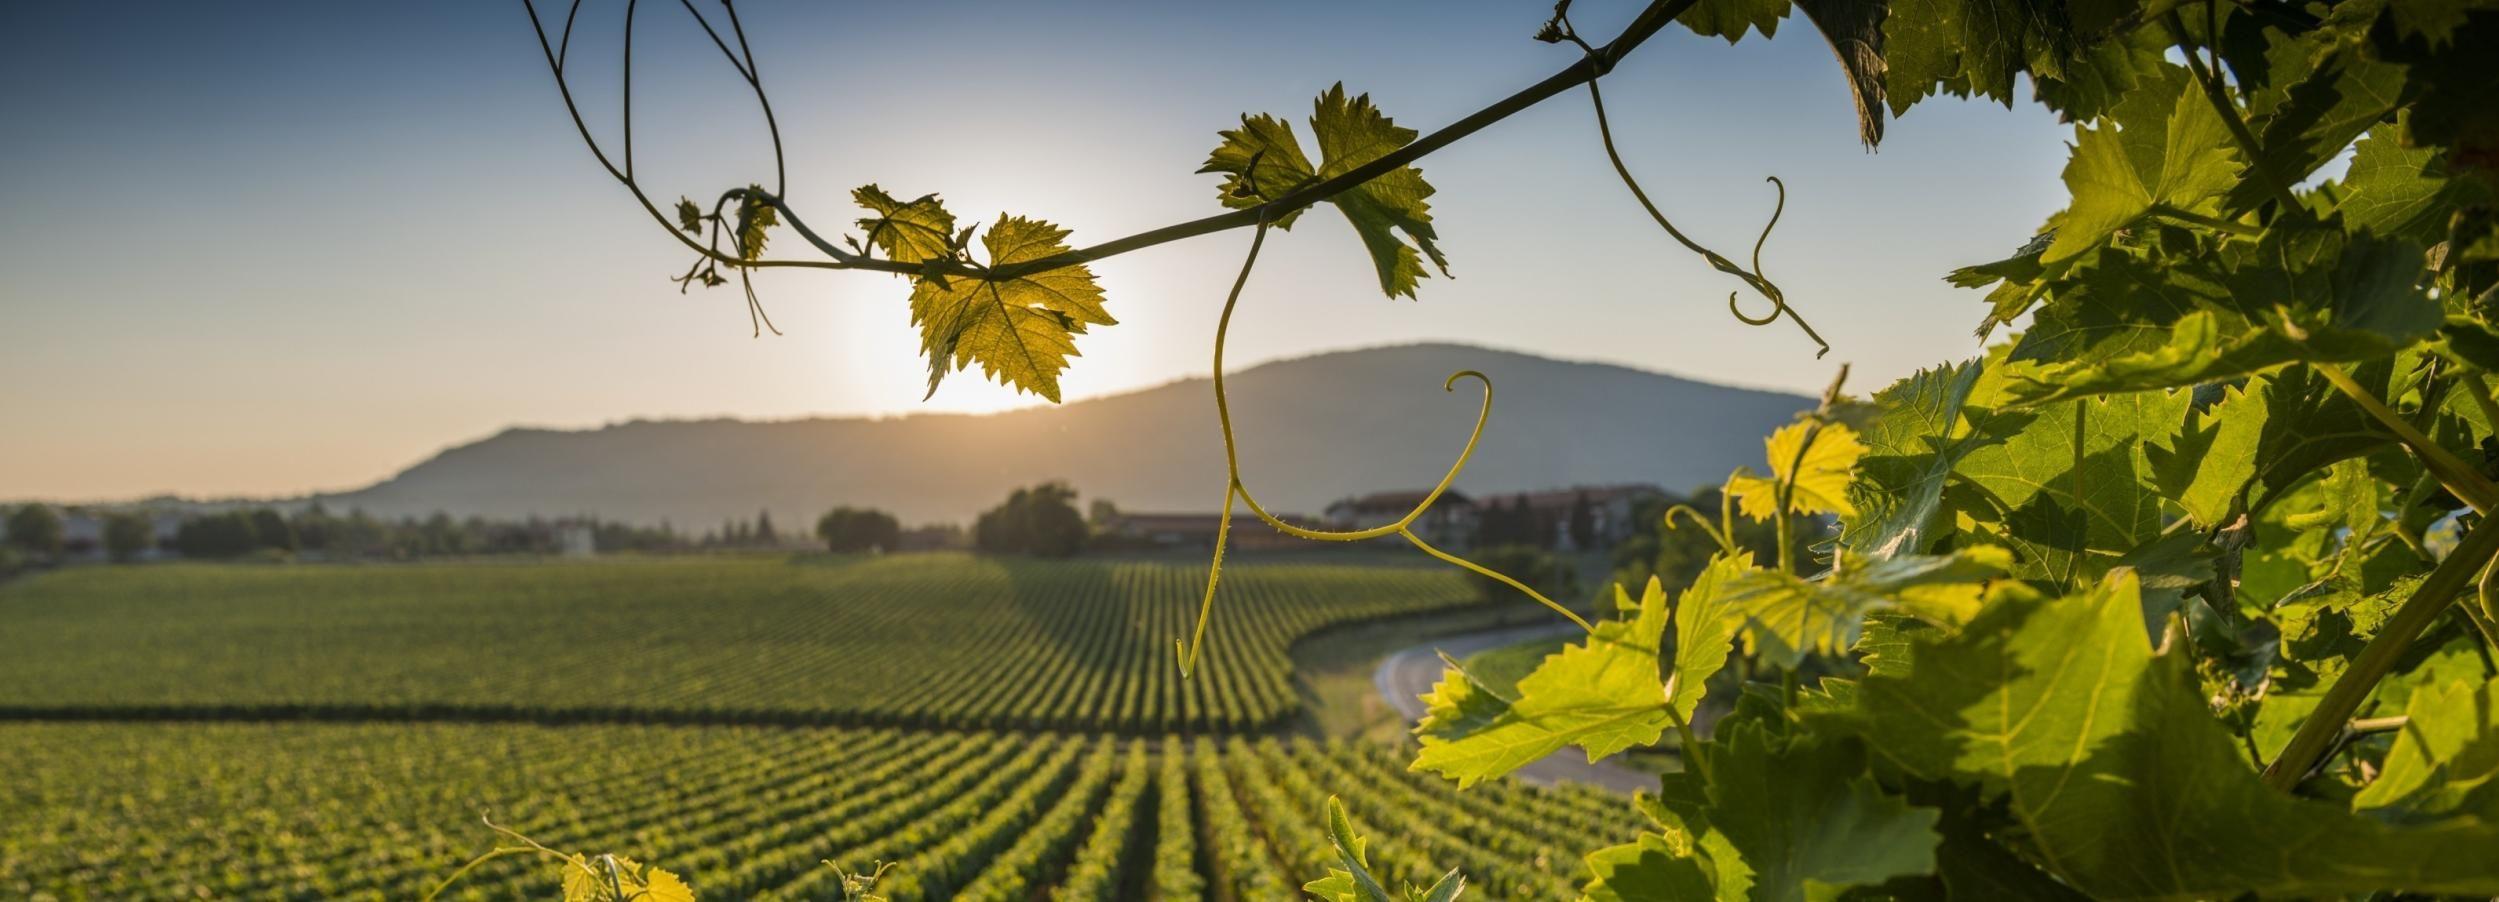 Франчакорта: тур из Милана с дегустацией вина и шопингом